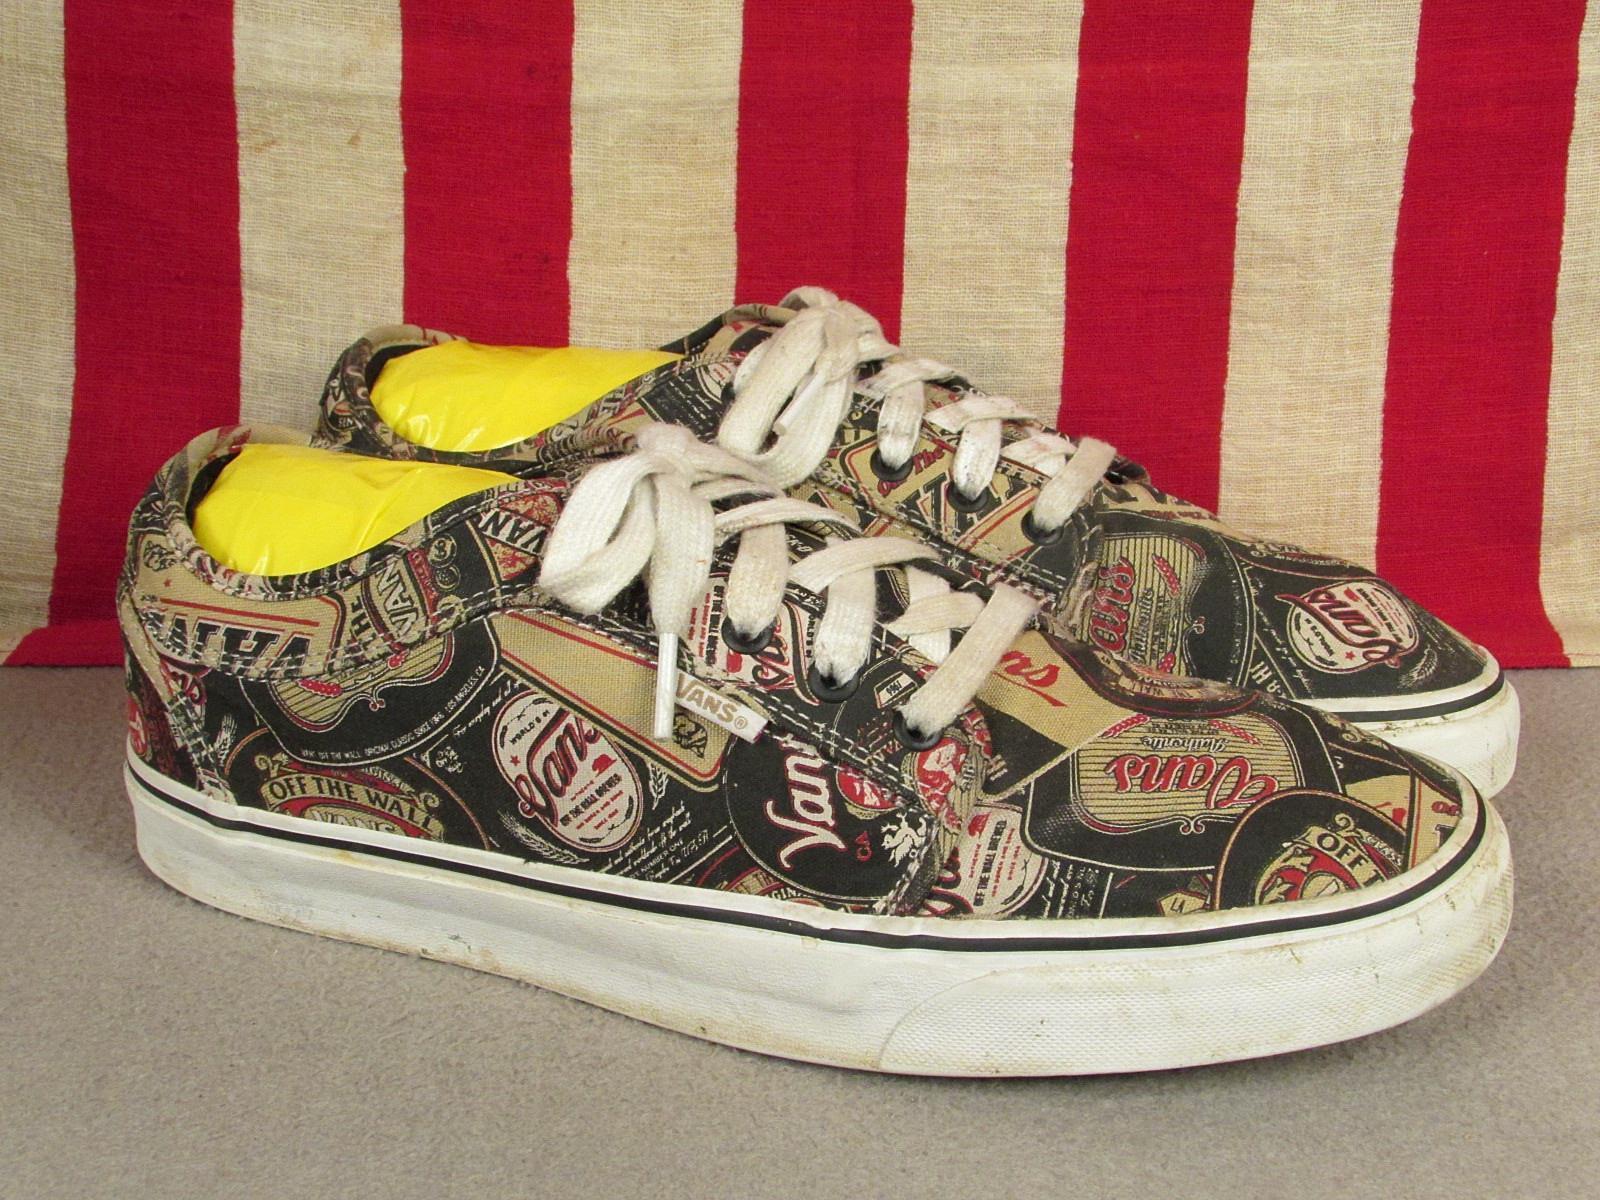 Vintage Vans Skateboard Shoes Beer Can Label Print Pro Low-Top Sneakers Sz.12